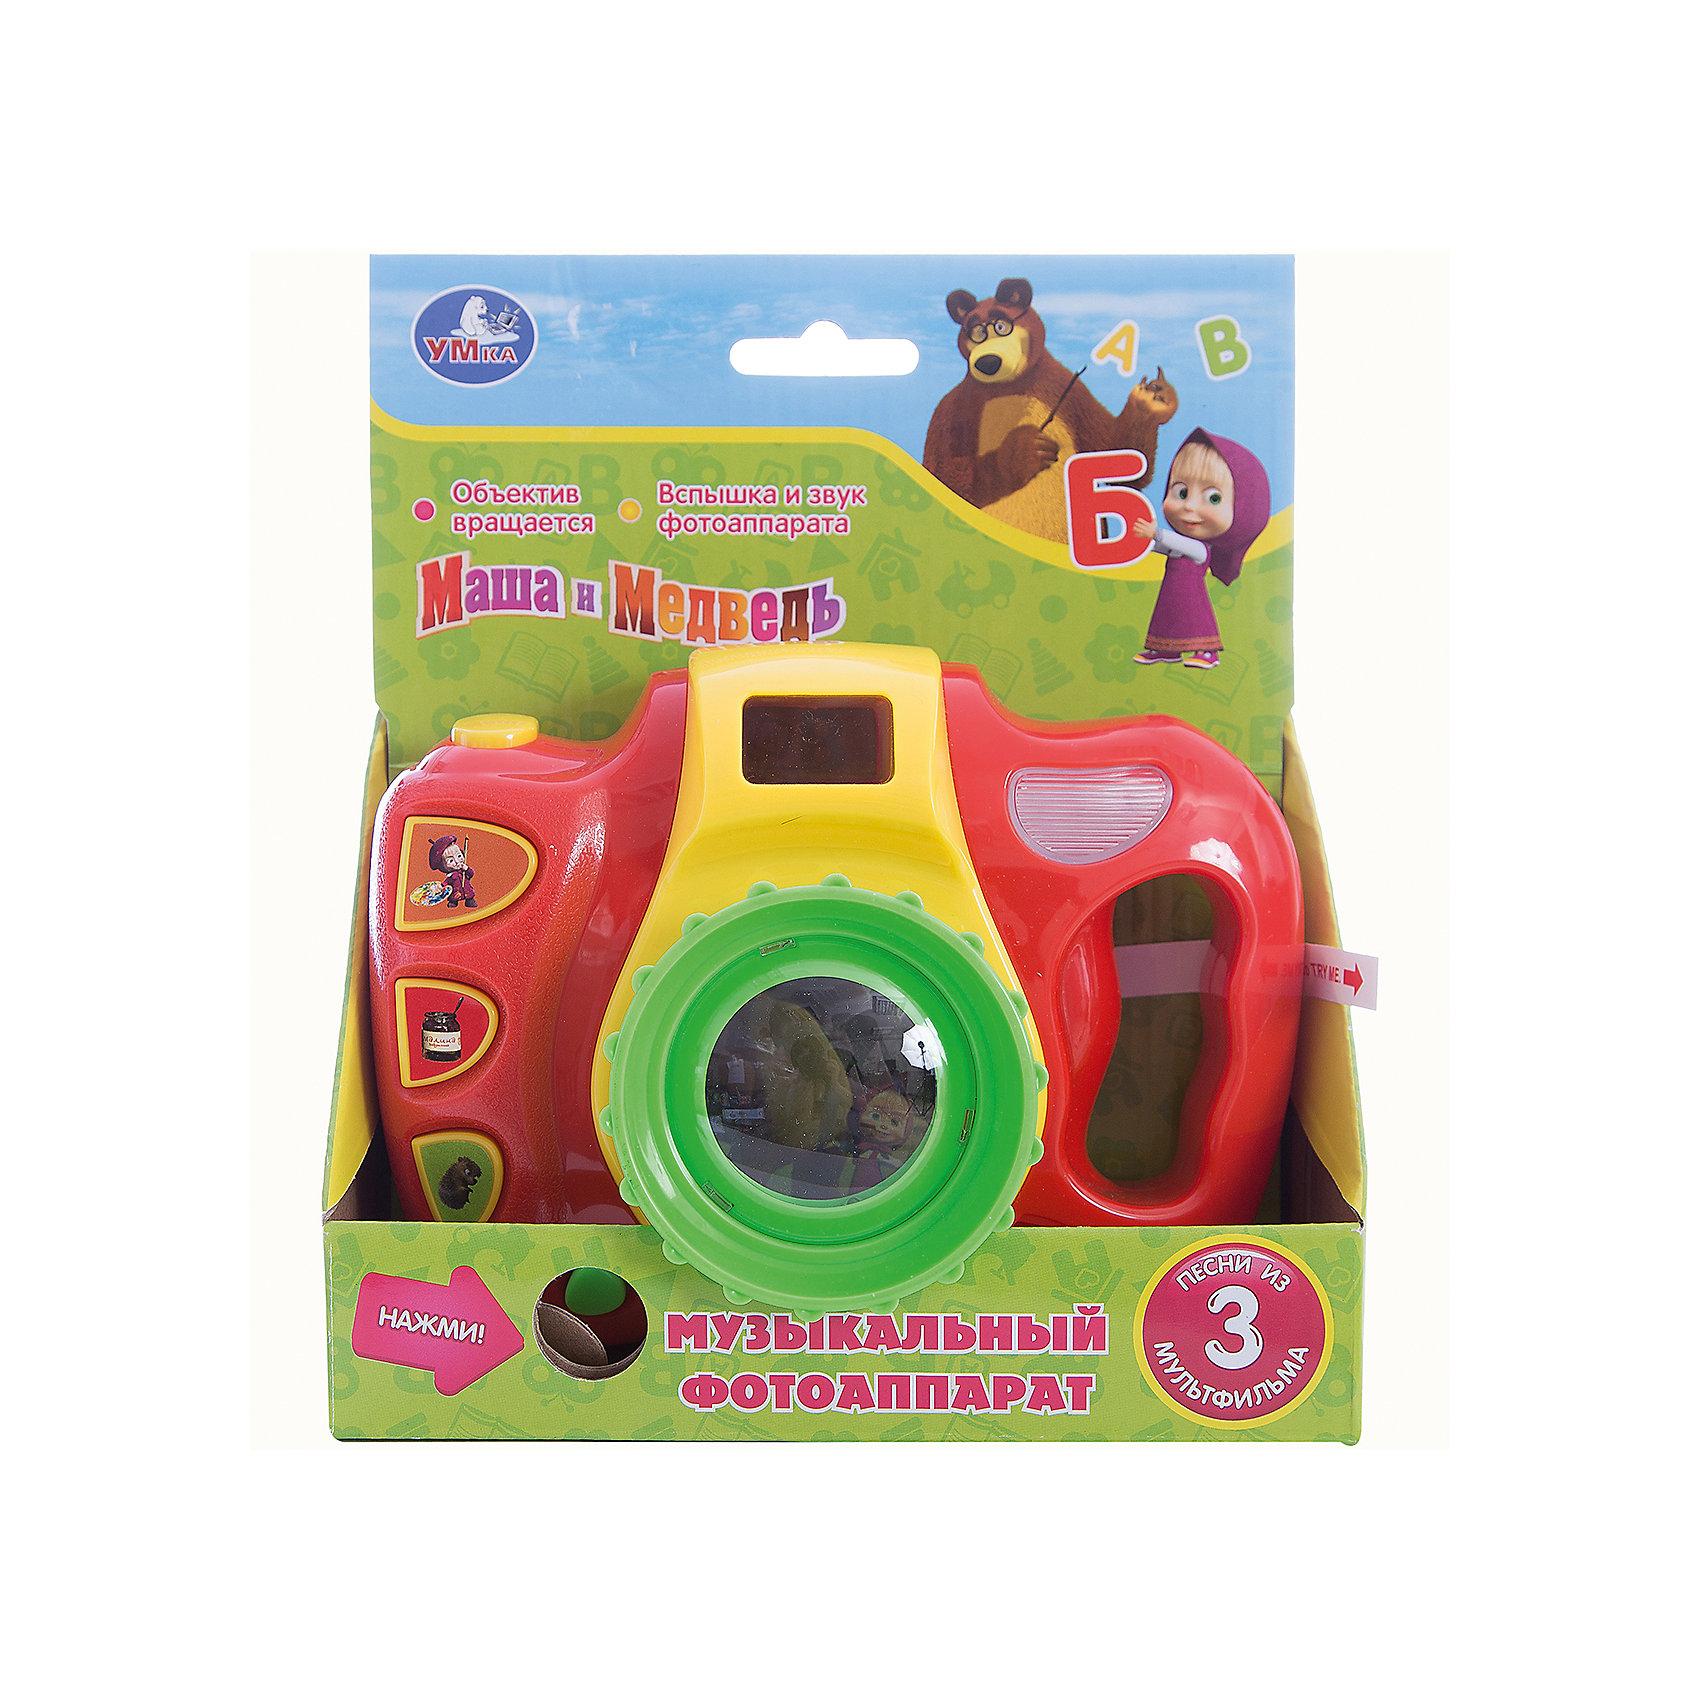 Музыкальный фотоаппарат, 3 песни, свет, Маша и Медведь, УмкаИнтерактивная игрушка в виде фотоаппарата разработана специально для самых маленьких. Она поет детские песни из мультфильма Маша и Медведь имеет световые эффекты. С помощью нее ребенок будет активнее изучать окружающий мир и развивать моторику, слуховое восприятие и память.<br>Игрушка произведена из высококачественных материалов, которые безопасны для ребенка. Она мало весит, поэтому ее можно брать на прогулки или в поездку. Работает на батарейках.<br><br>Дополнительная информация:<br><br>цвет: разноцветный;<br>материал: пластик;<br>язык: русский;<br>вес: 0,35 кг.<br><br>Музыкальный фотоаппарат, 3 песни, свет, Маша и Медведь, от марки Умка можно купить в нашем магазине.<br><br>Ширина мм: 220<br>Глубина мм: 180<br>Высота мм: 70<br>Вес г: 350<br>Возраст от месяцев: 24<br>Возраст до месяцев: 60<br>Пол: Унисекс<br>Возраст: Детский<br>SKU: 4720285